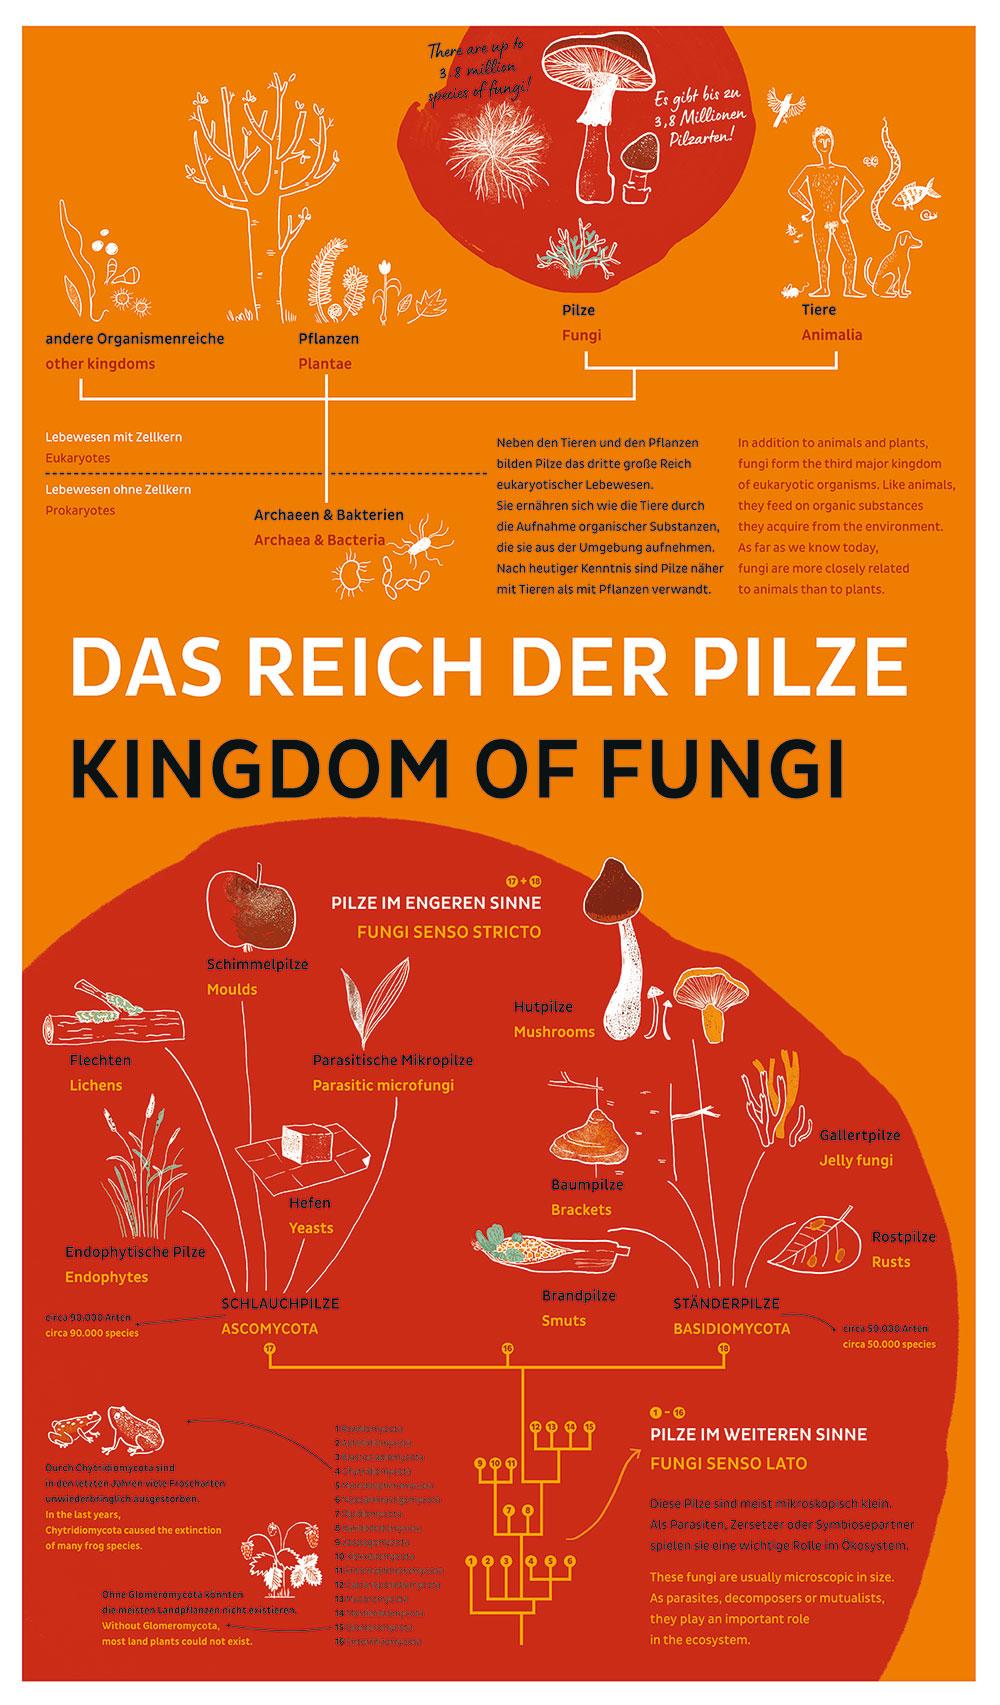 Poster Reich der Pilze